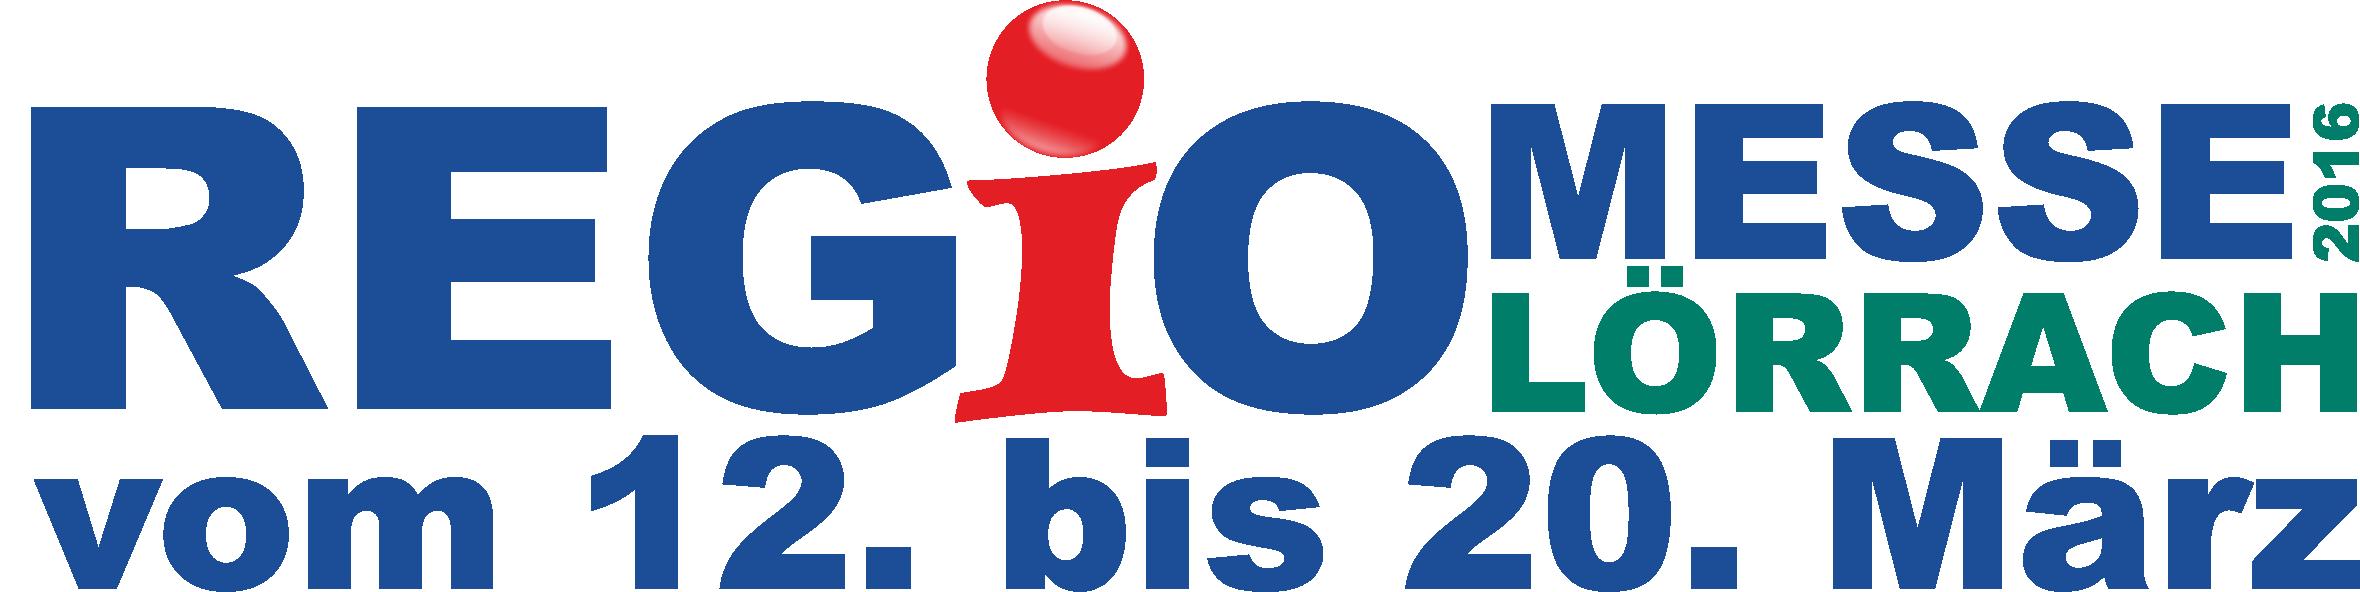 2016_REGIO_Allgemein_Logo_mit_Datum